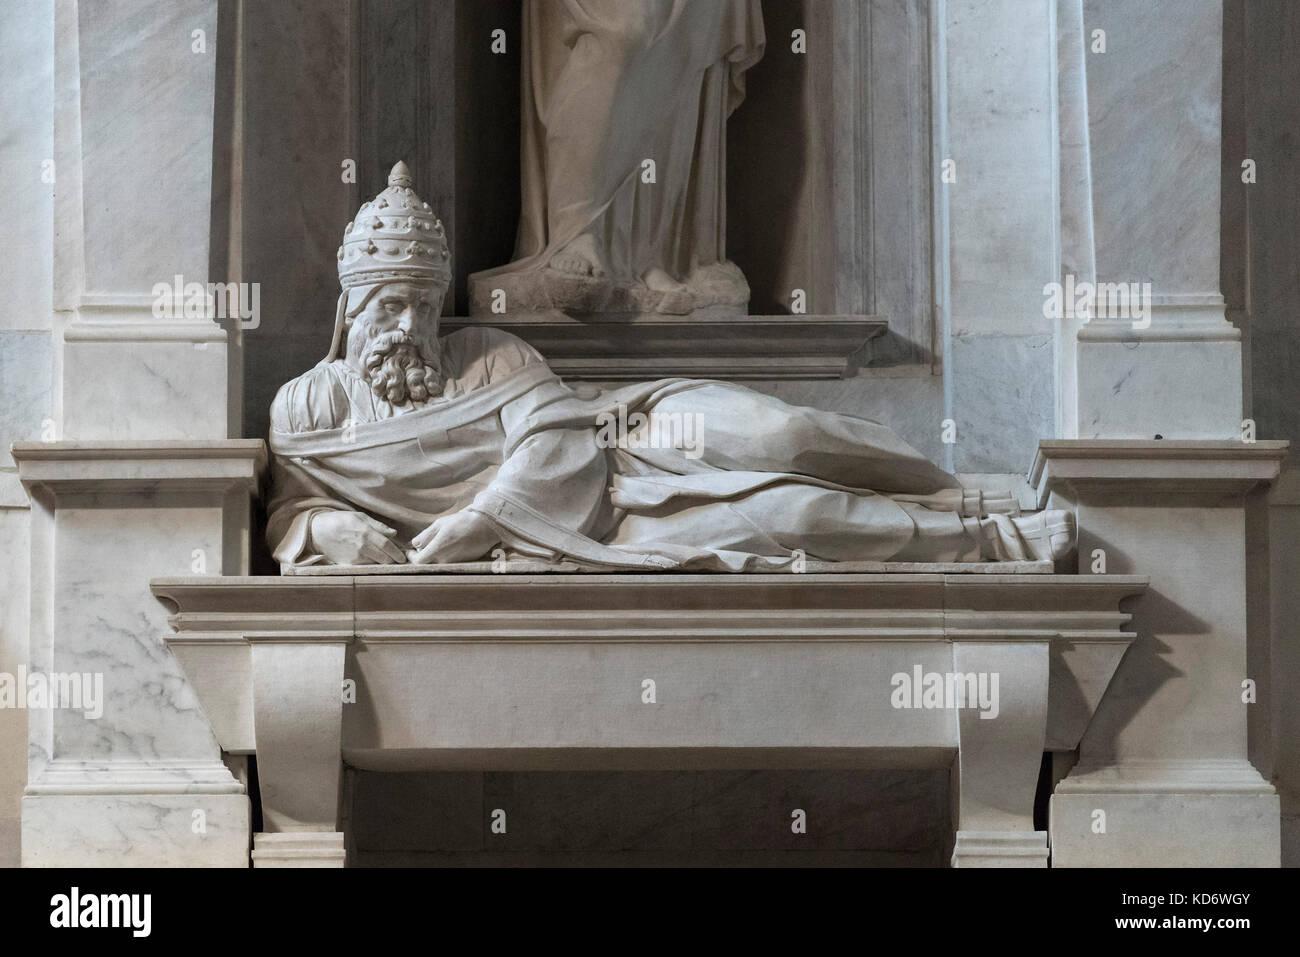 Rome. Italy. Tomb of Pope Julius II, by Michelangelo Buonarroti (1475-1564), Basilica di San Pietro in Vincoli. - Stock Image